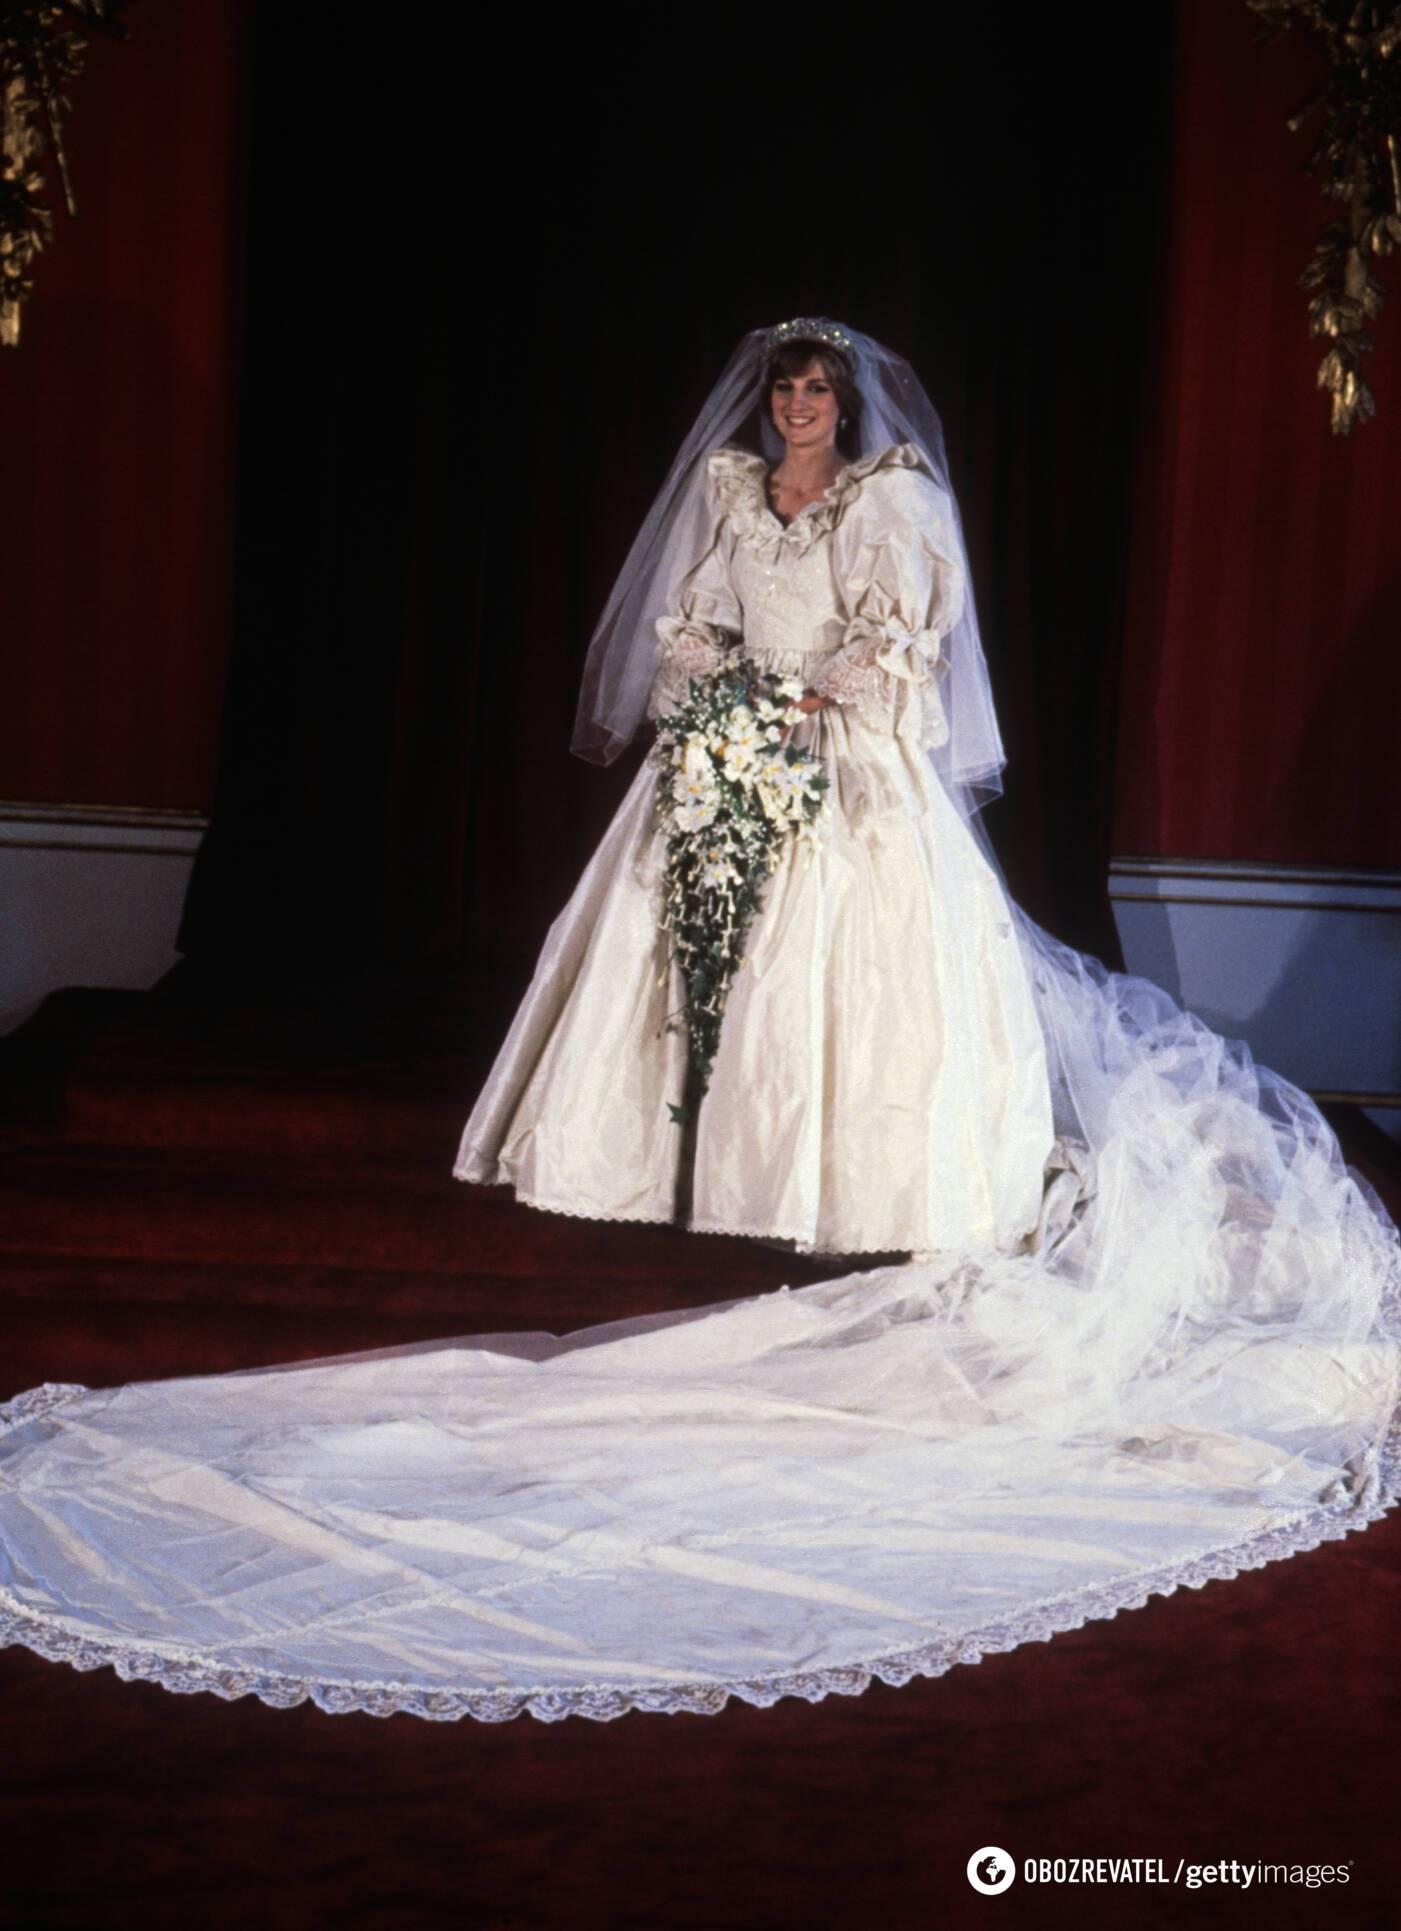 Весільна сукня принцеси Діани